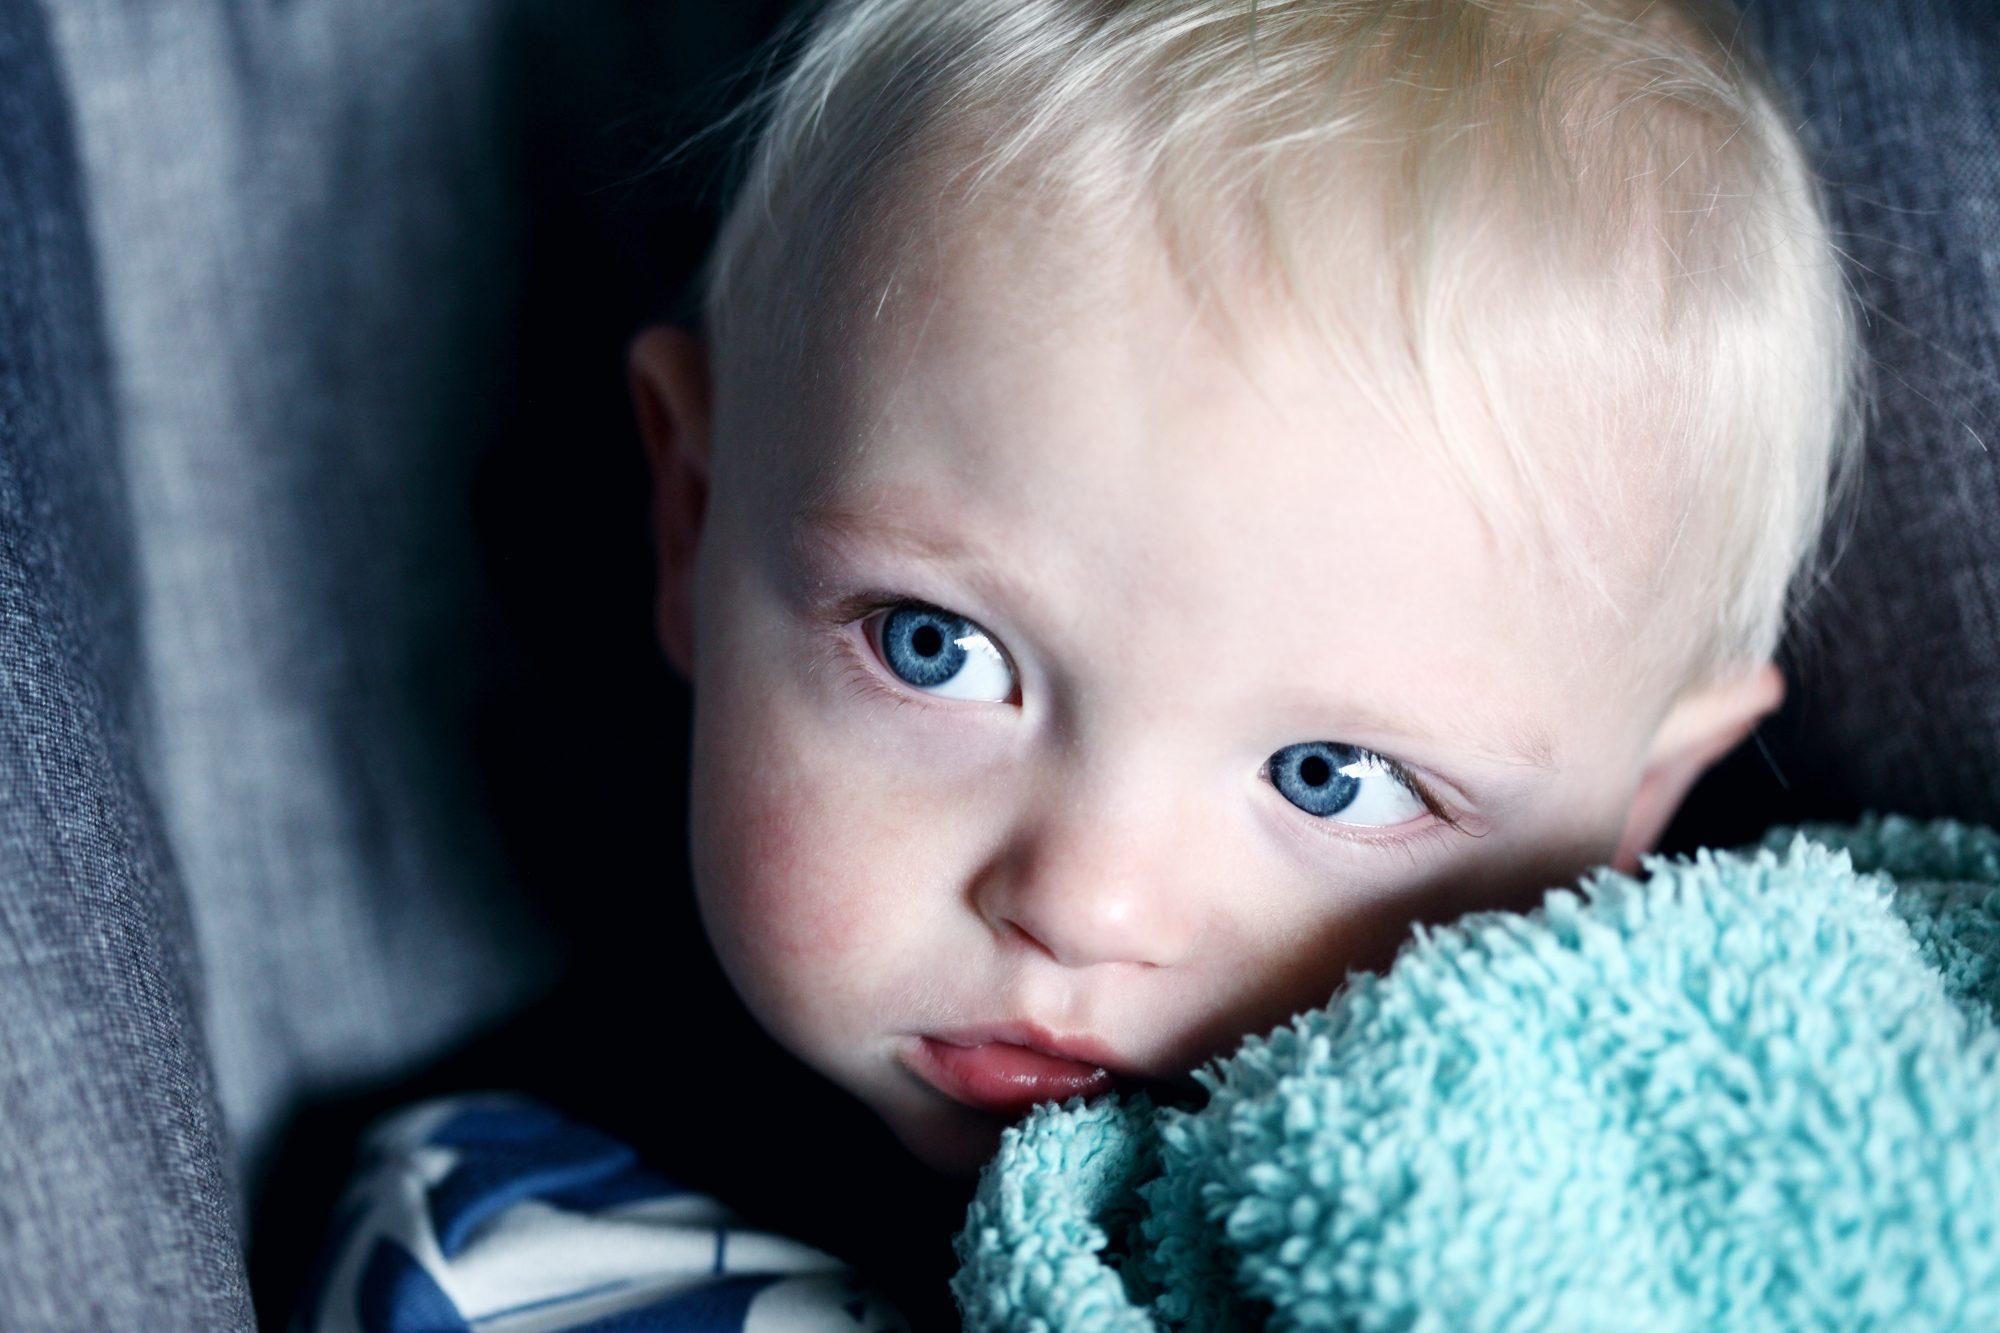 Hyvä alku elämälle -kampanja tarjoaa tietoa pienten lasten hyvinvoinnista